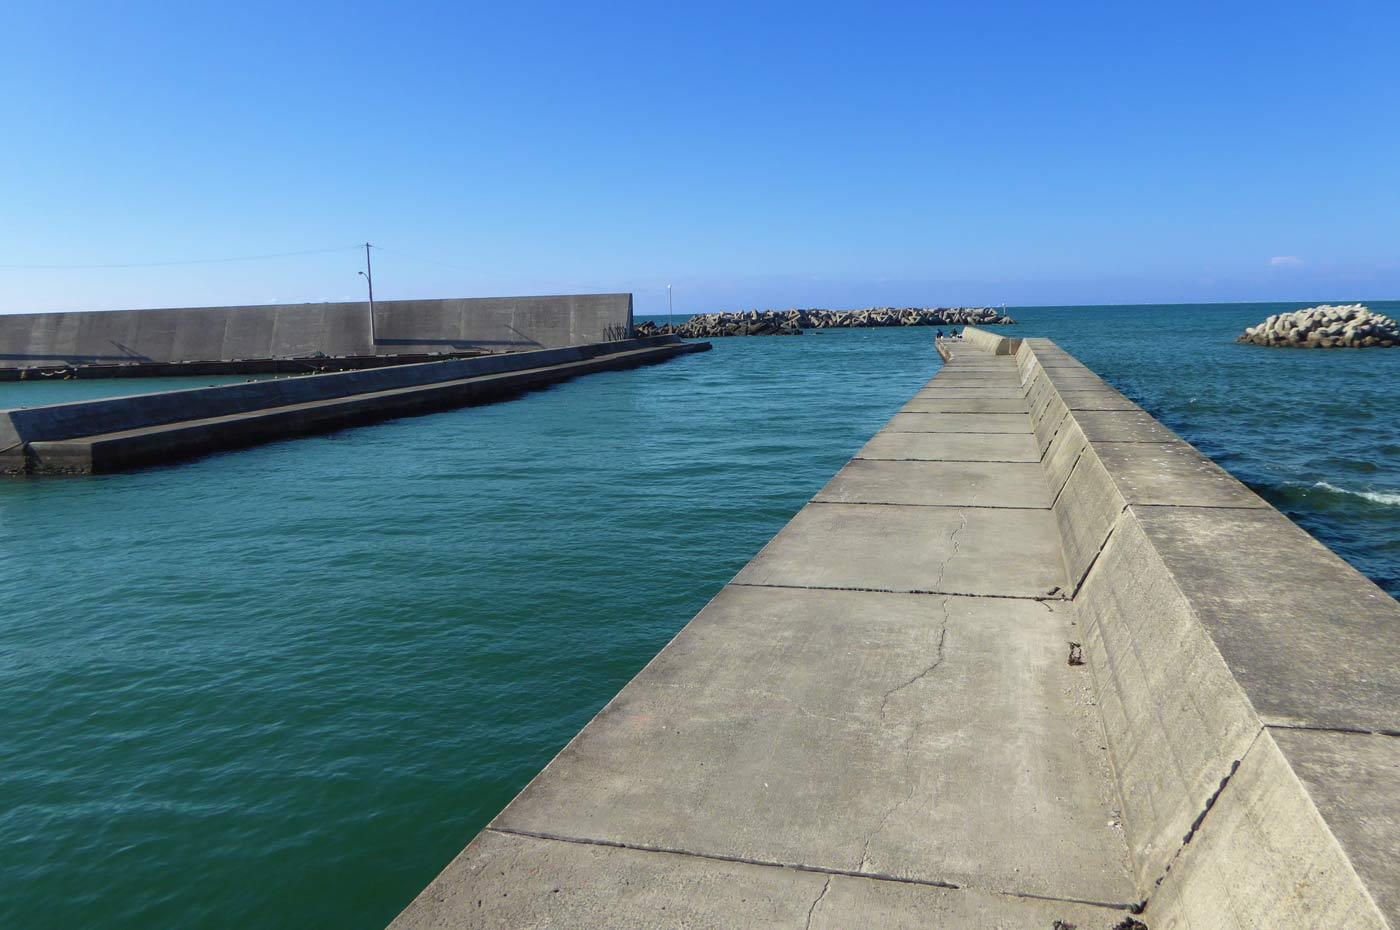 相浜港右側堤防の画像